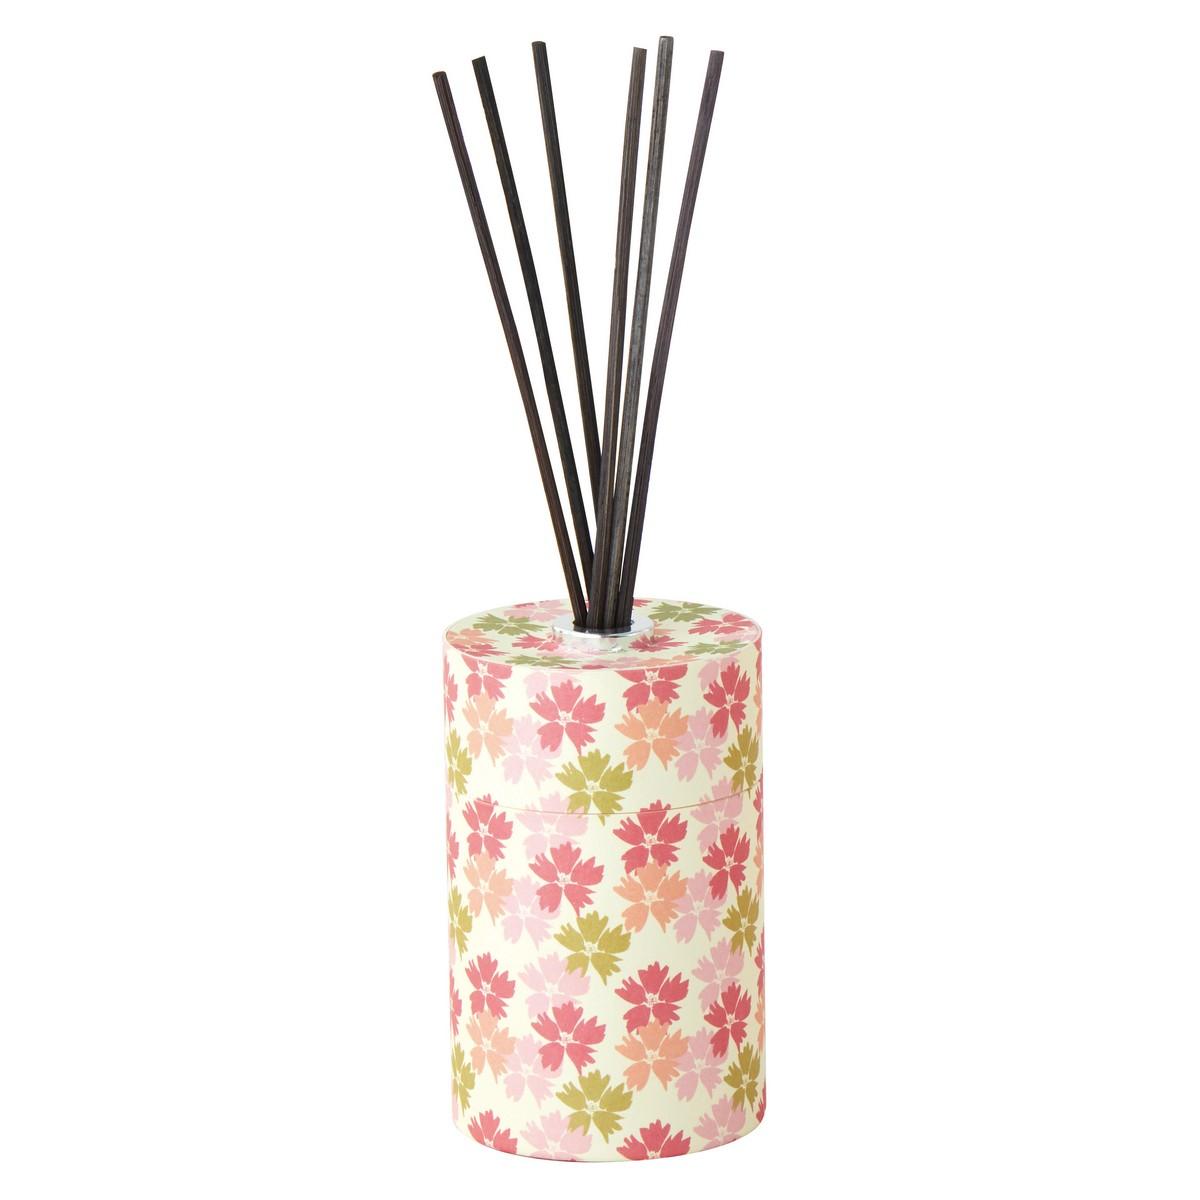 カメヤマ/和遊ディフューザー桜の香り/PE340-05-10【01】【取寄】[6個]《キャンドル、アロマ リードディフューザー 完成品》